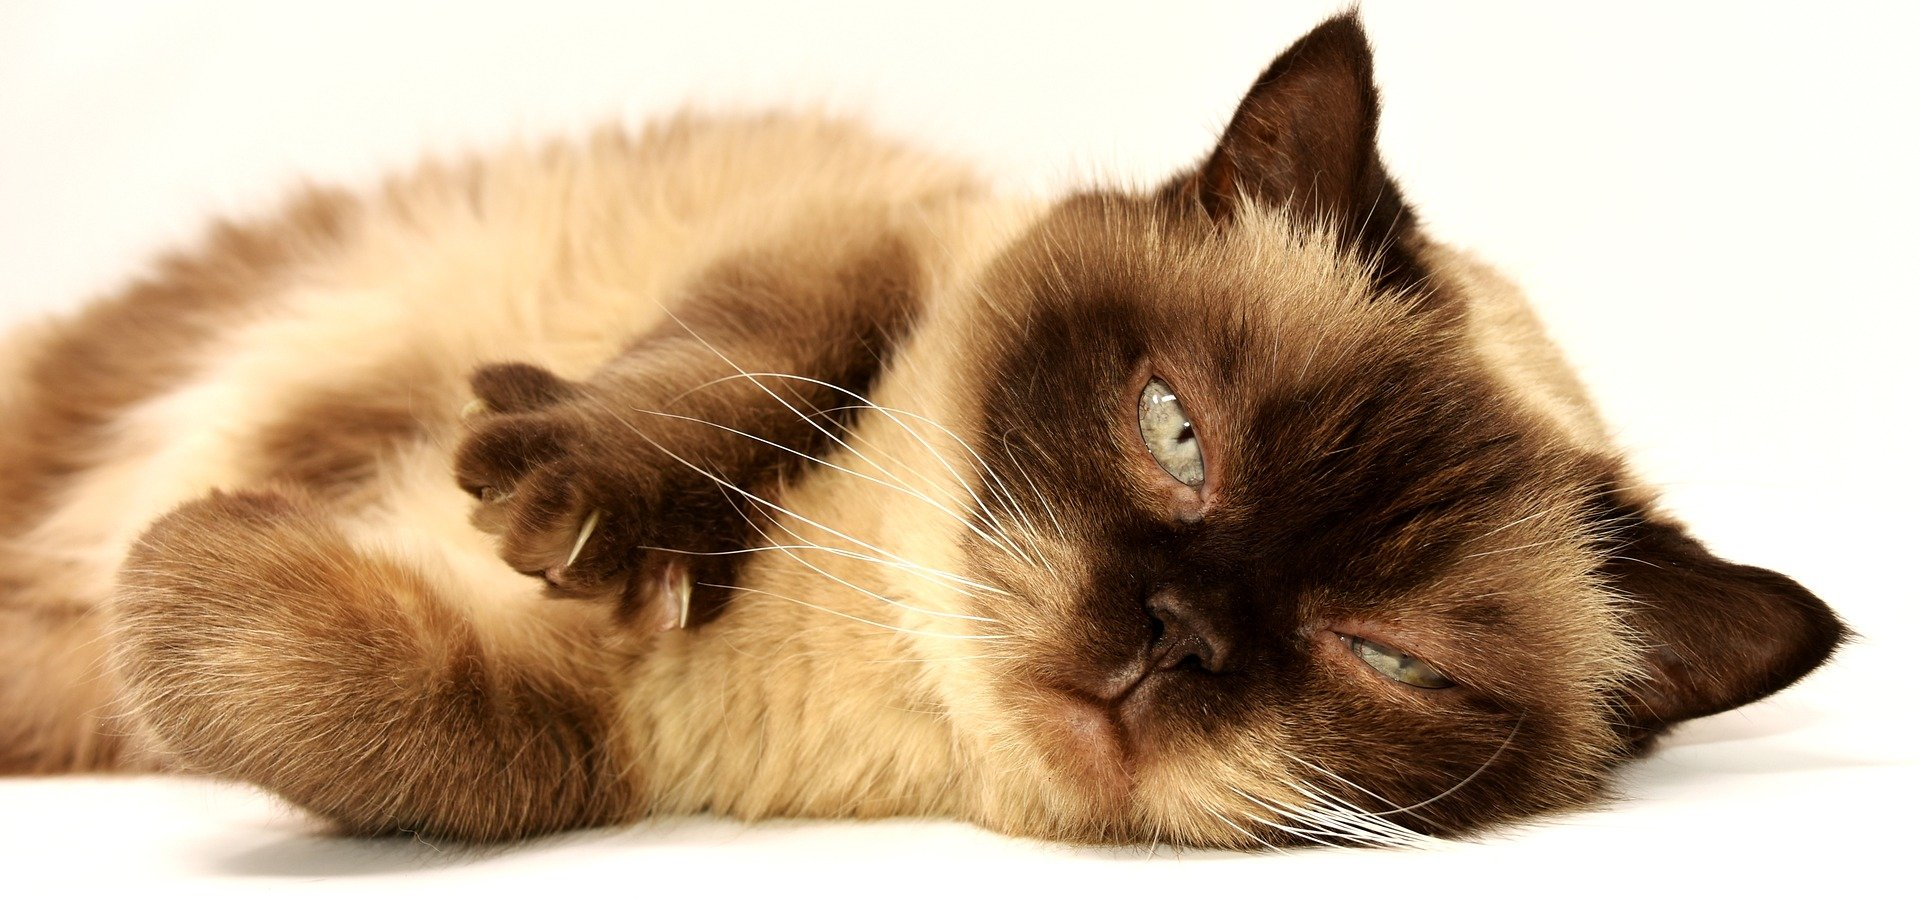 Gato com síndrome de Down deitado